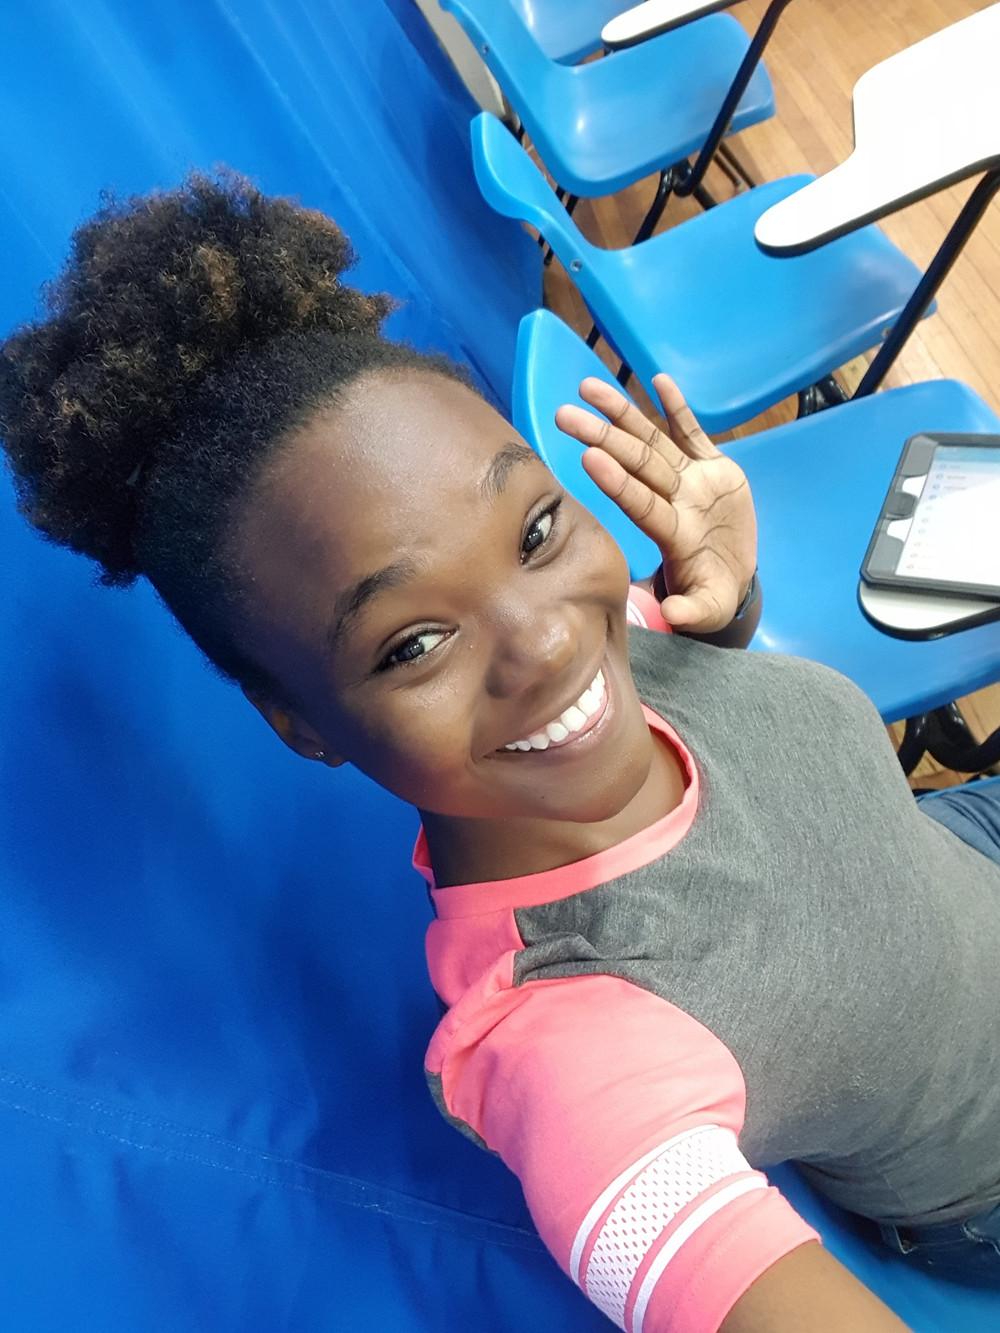 esl private english teacher professora particular de inglês via skype jamaicana primeira língua inglesa mulher sorrindo em sala de aula teacher english inglês presencial são josé dos campos via skype online